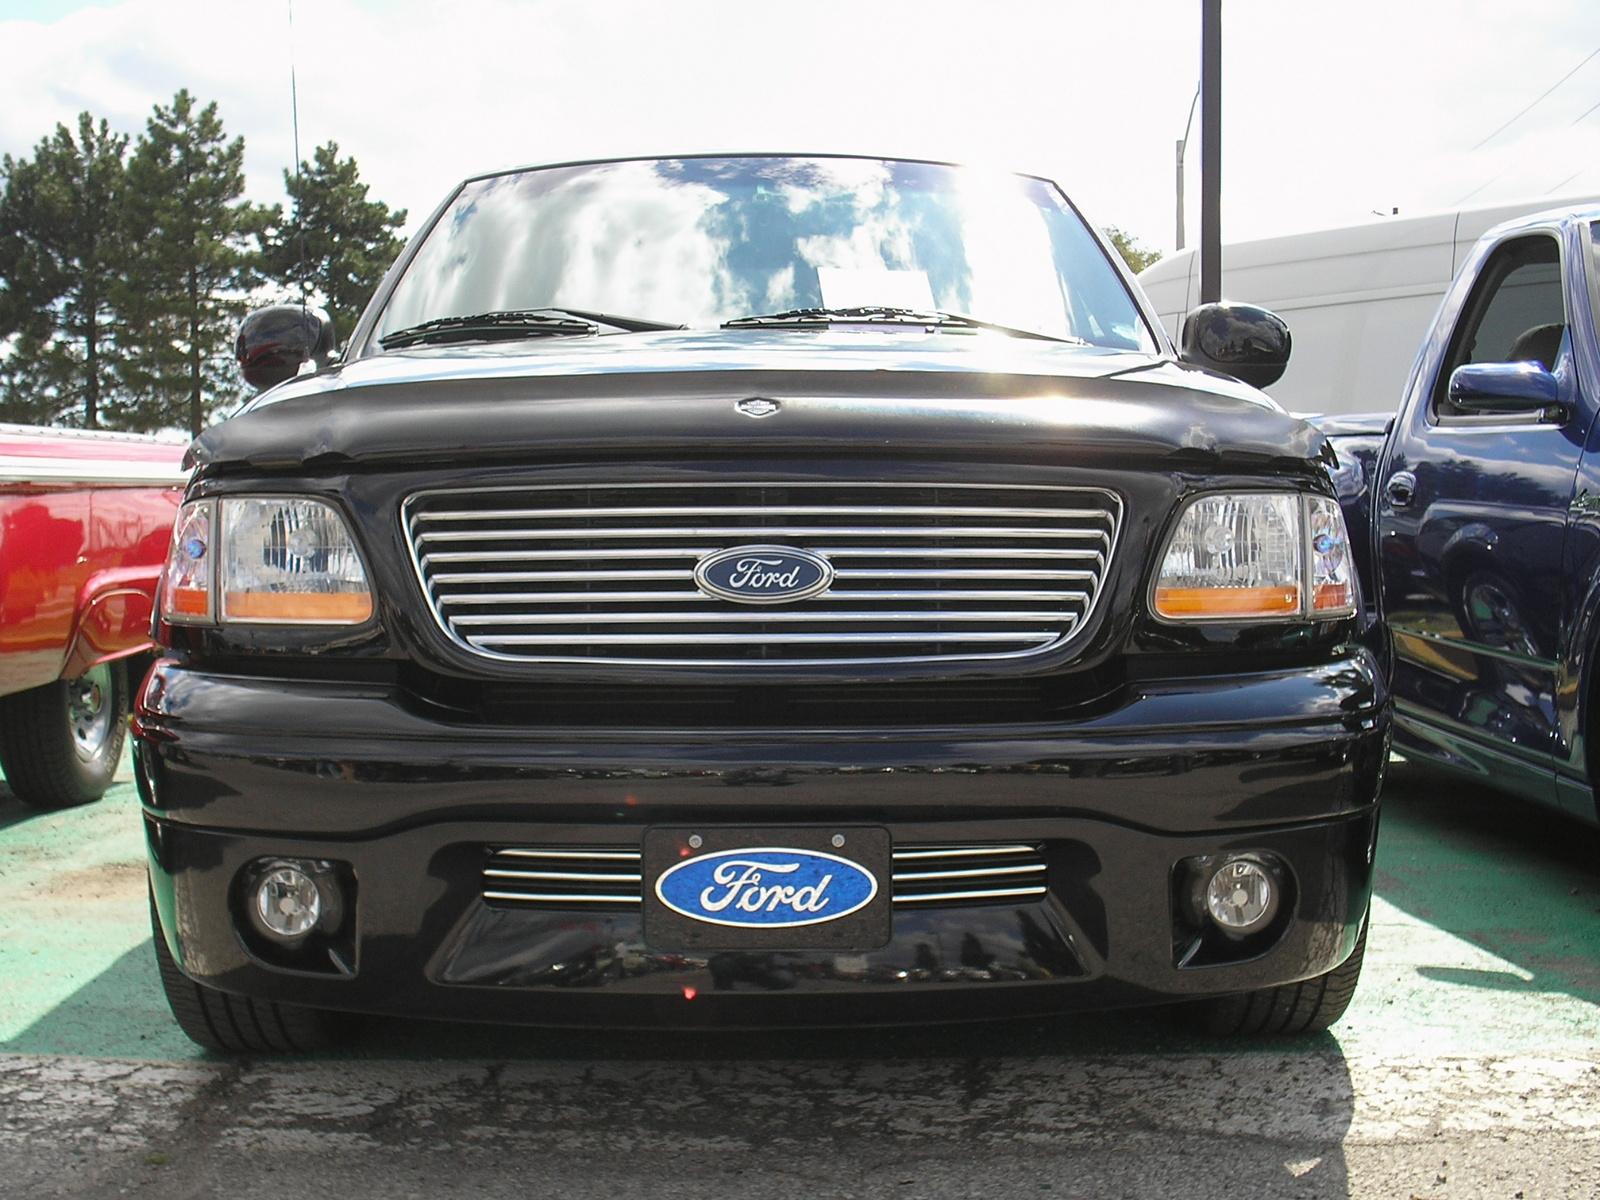 2003 ford harley davidson supercharged truck for sale. Black Bedroom Furniture Sets. Home Design Ideas